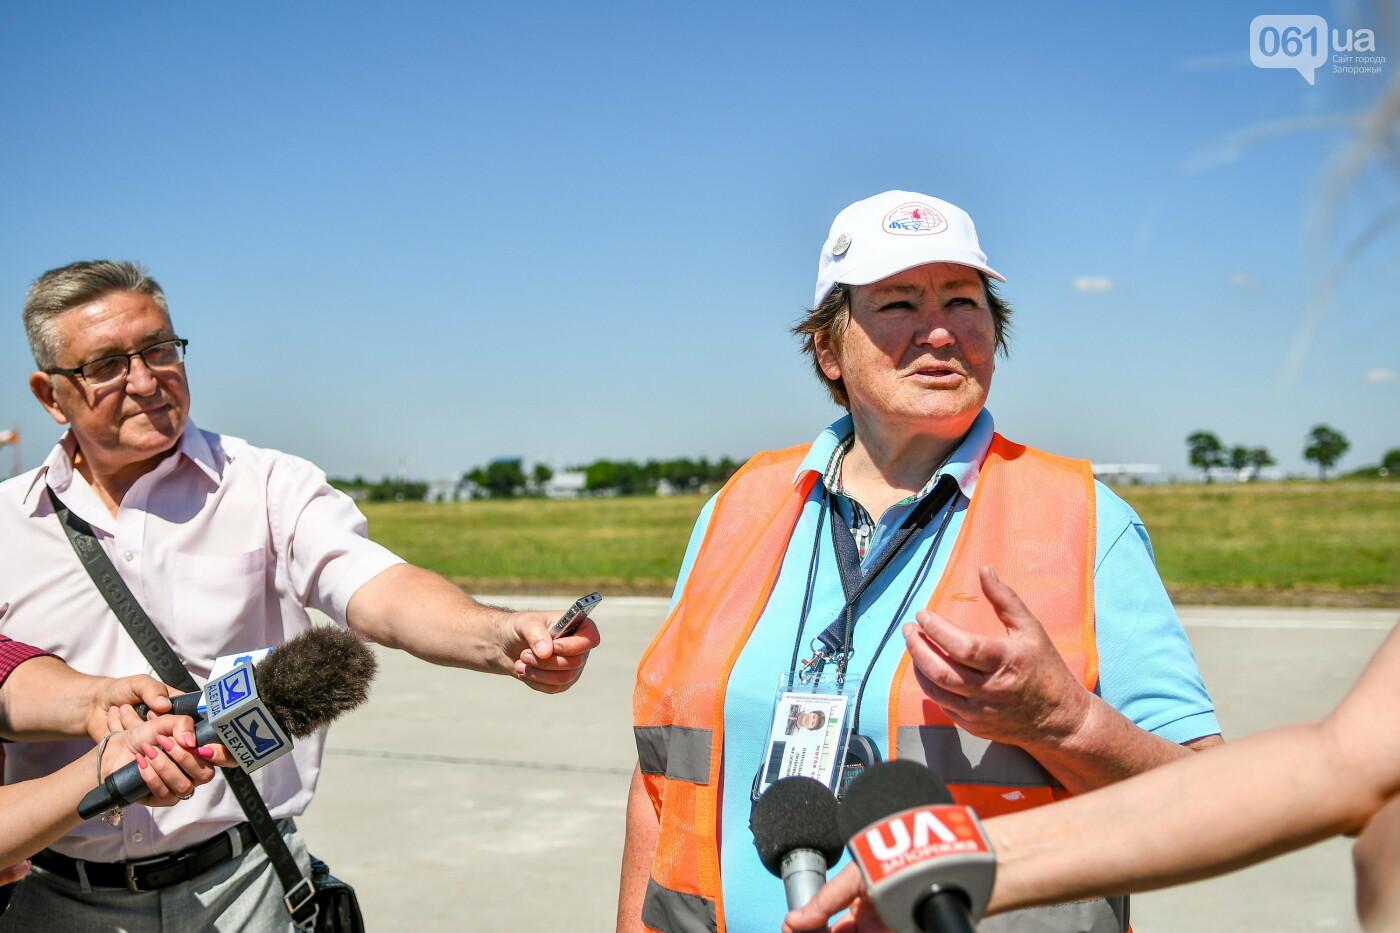 В Запорожье проходят соревнования по вертолетному спорту, - ФОТОРЕПОРТАЖ, фото-36